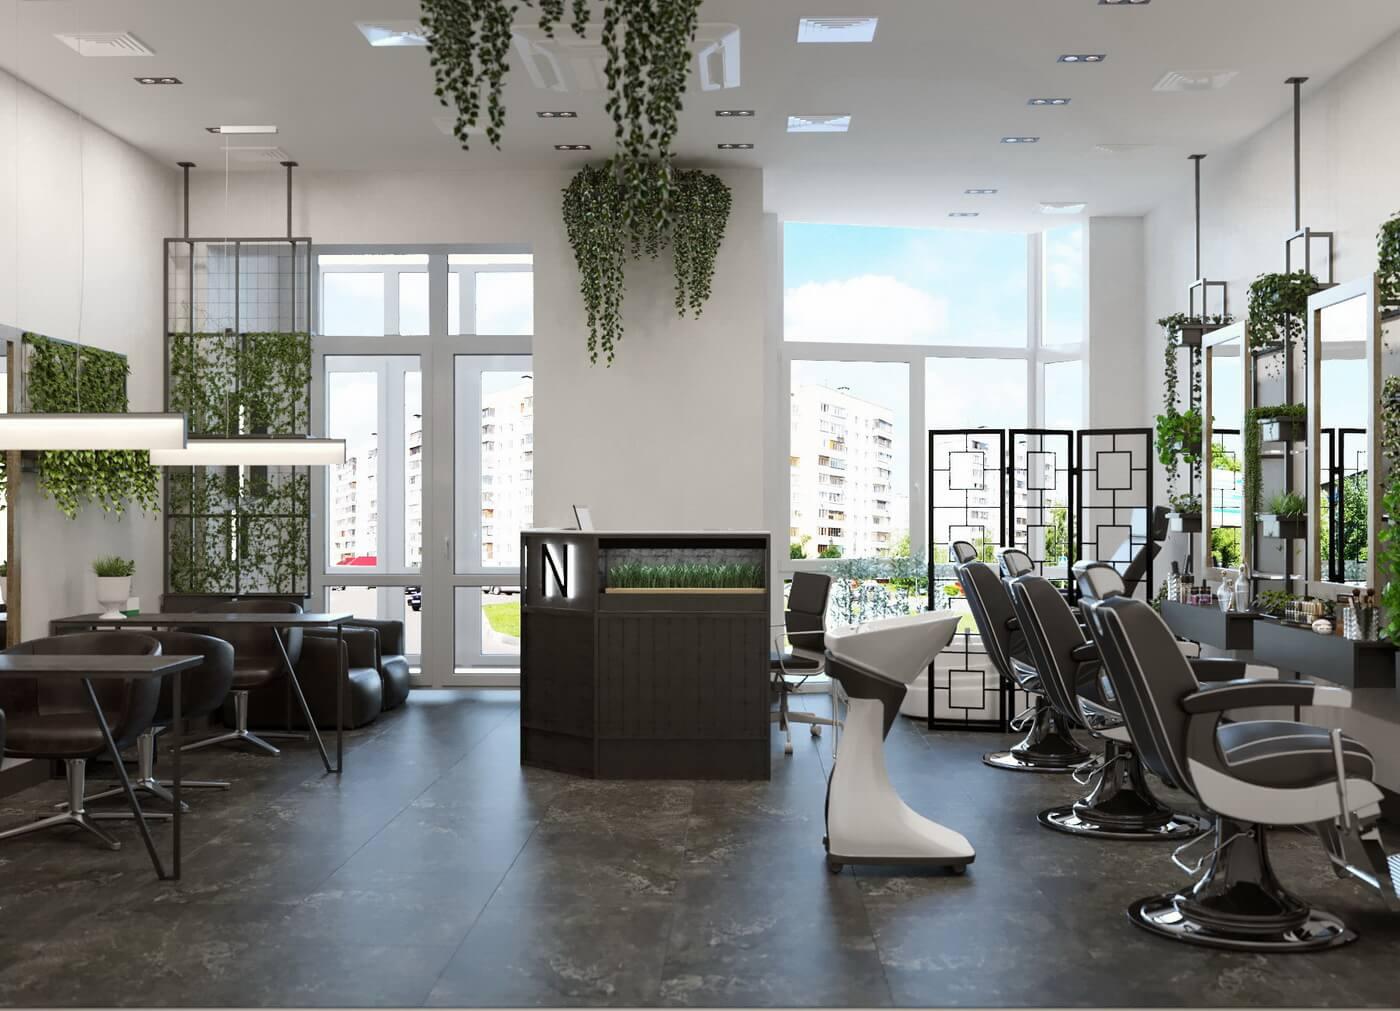 """Салон красоты """"Ninel"""". Основной зал: парикмахерская, маникюр, педикюр, стойка администратора, место для ожидания"""